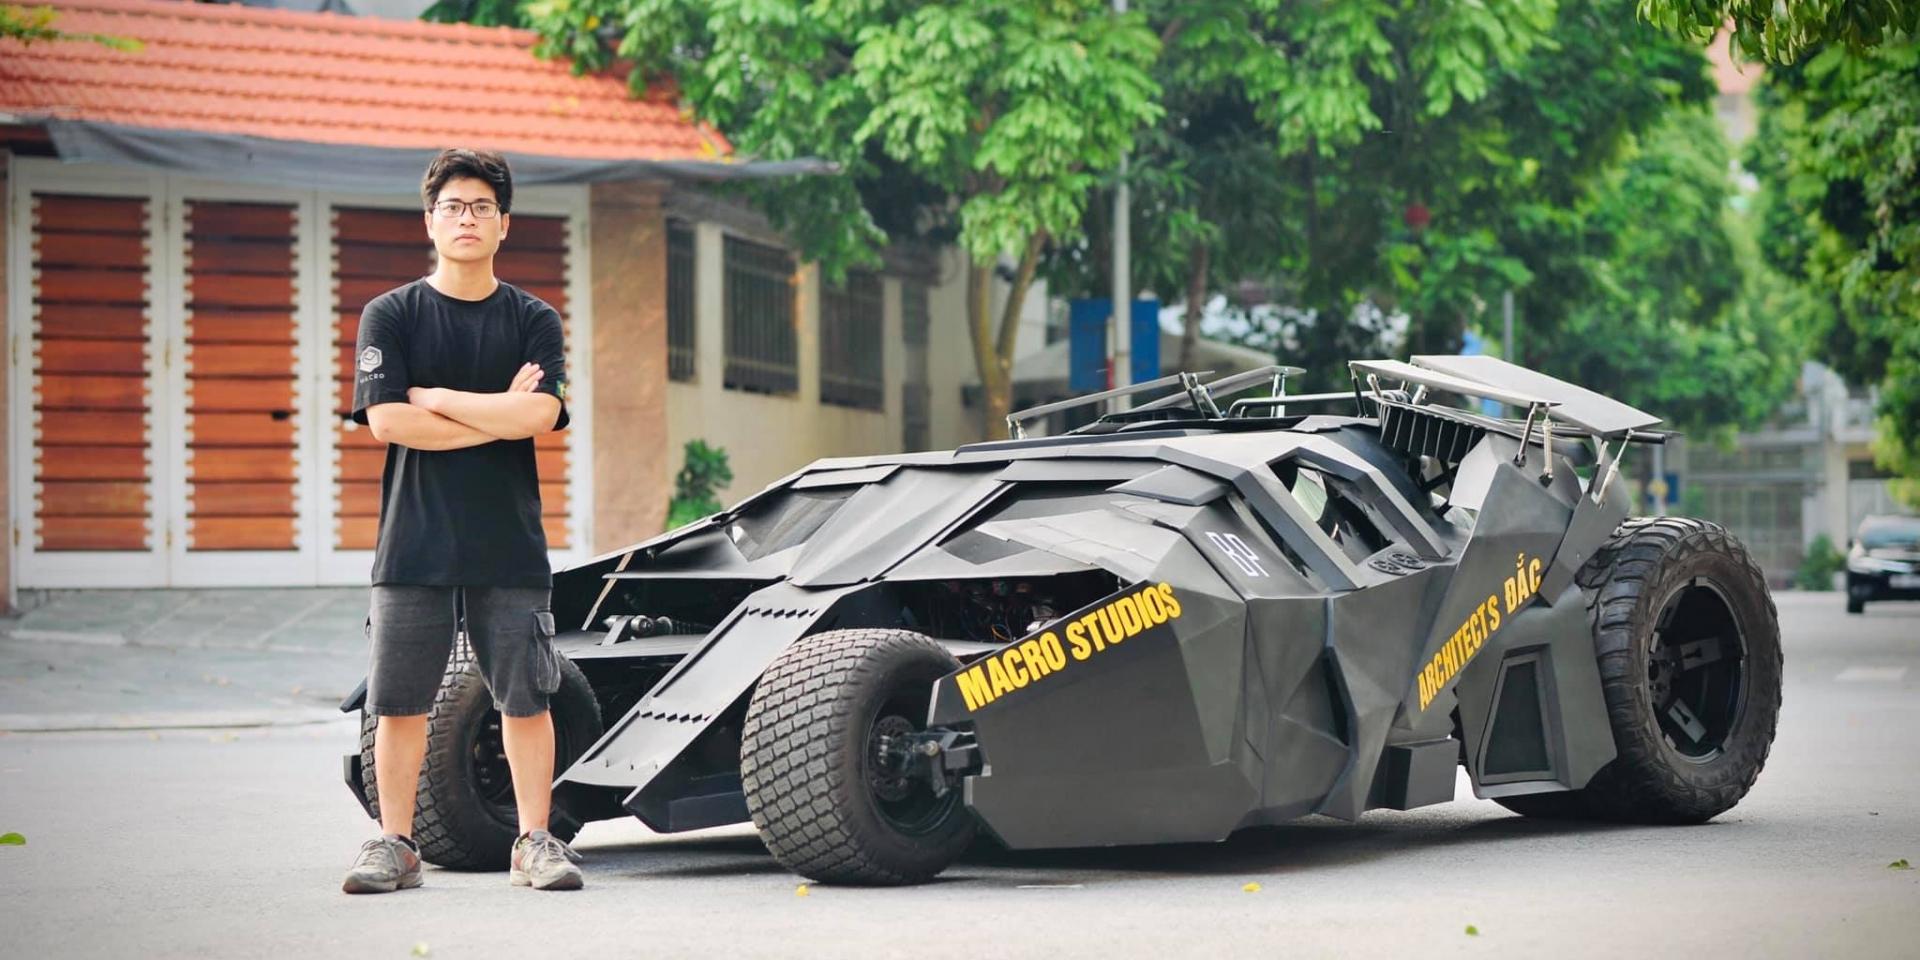 蝙蝠俠忠實粉絲!越南狂人從零打造蝙蝠車!